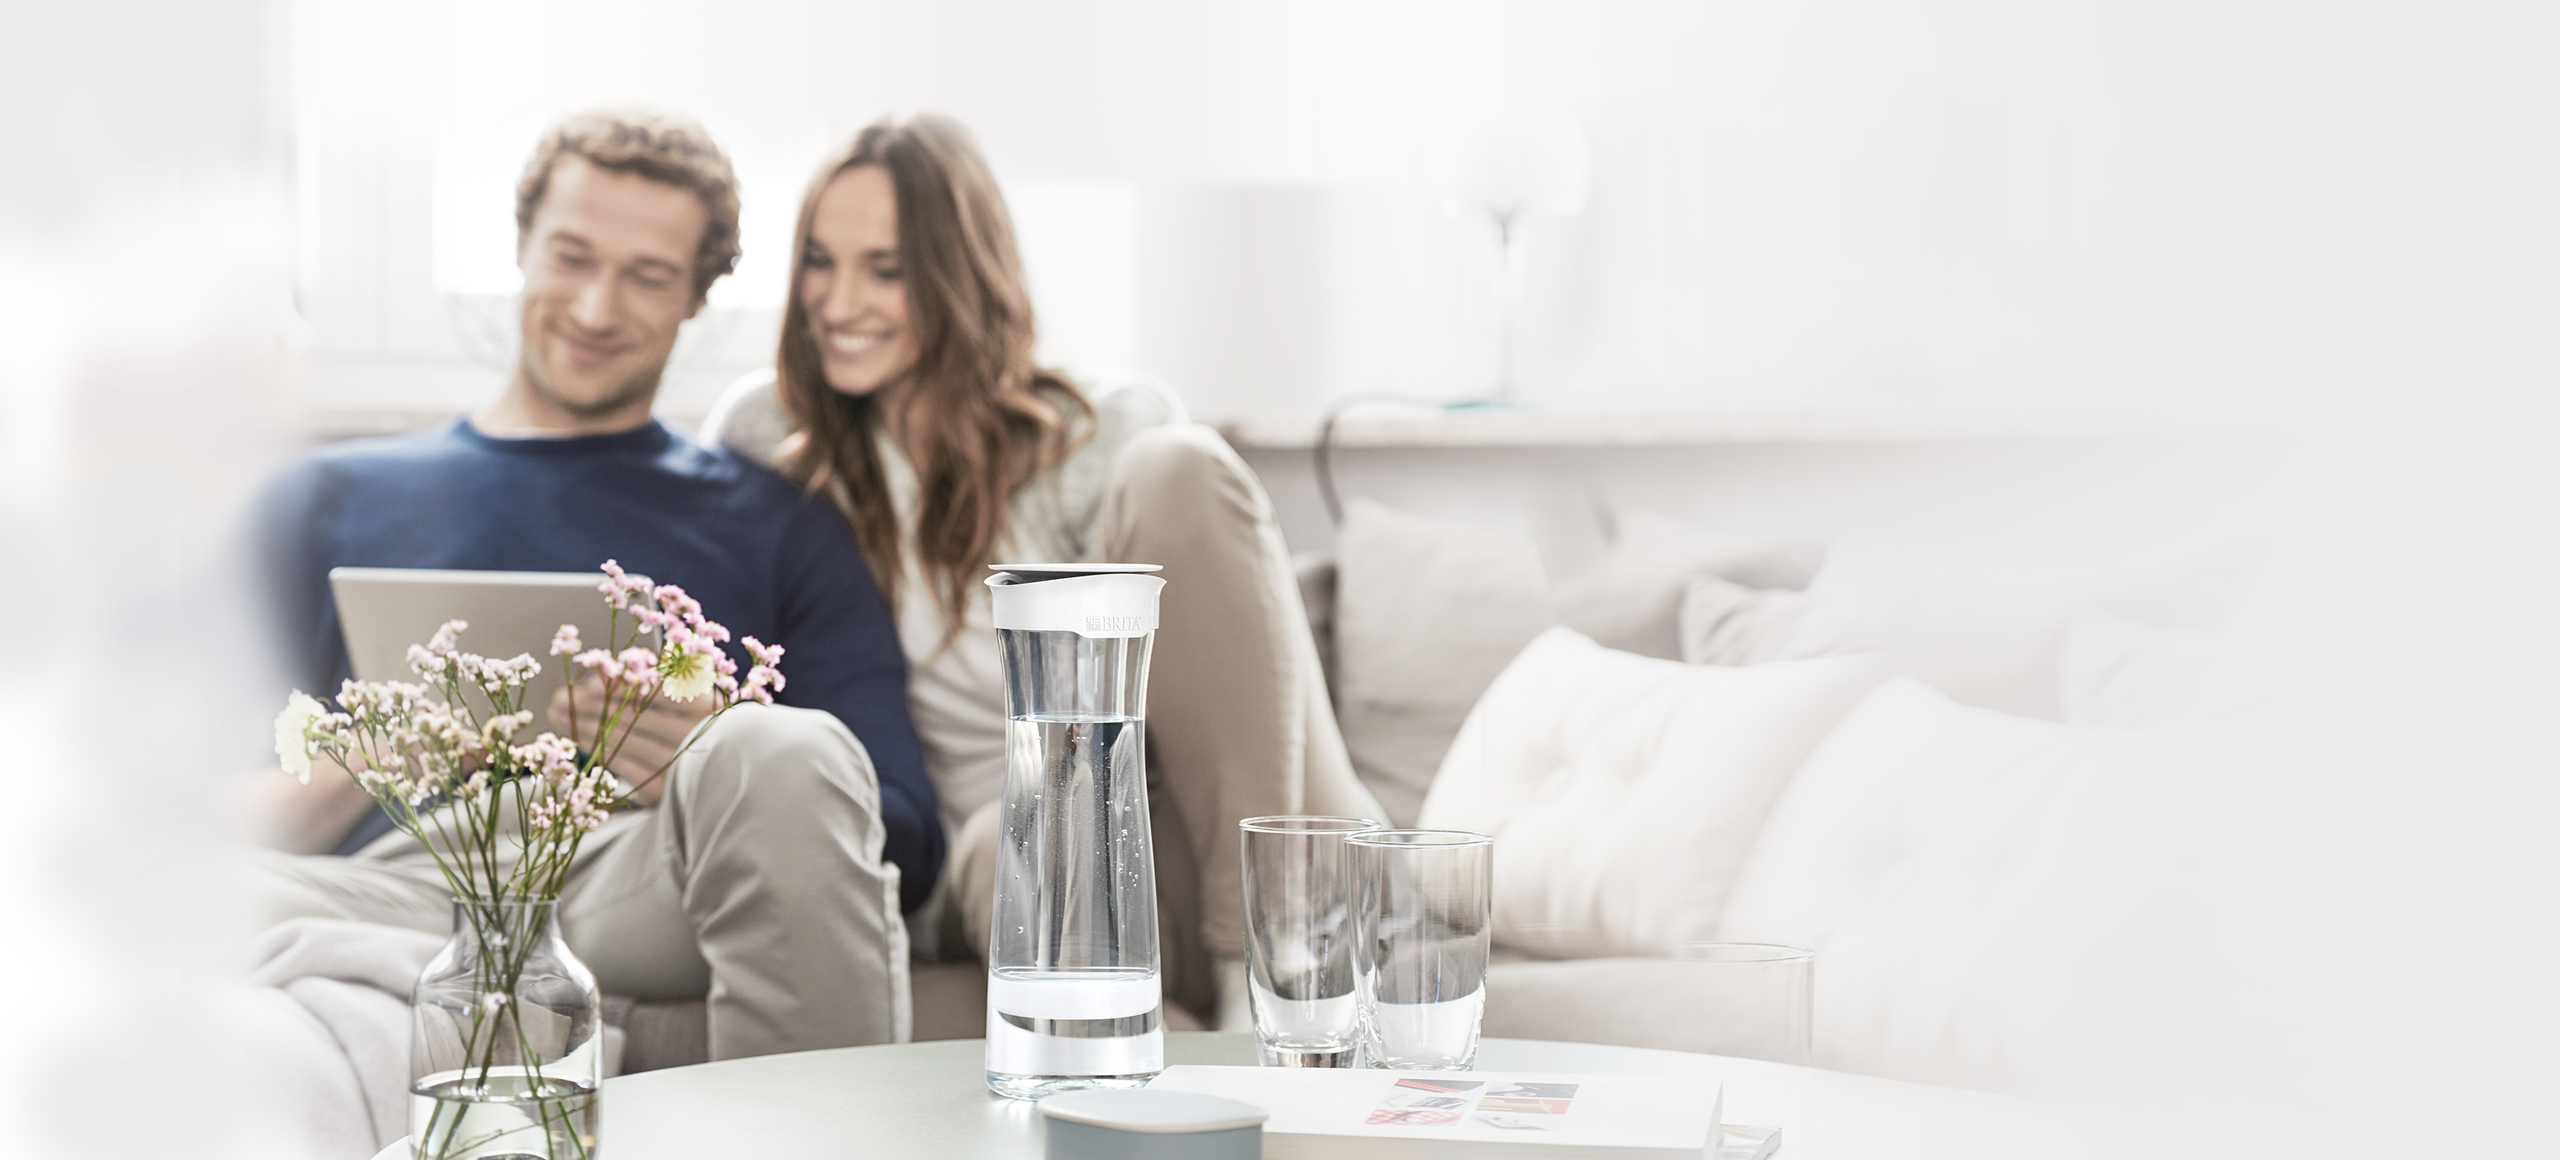 坐在客廳使用平板電腦的情侶